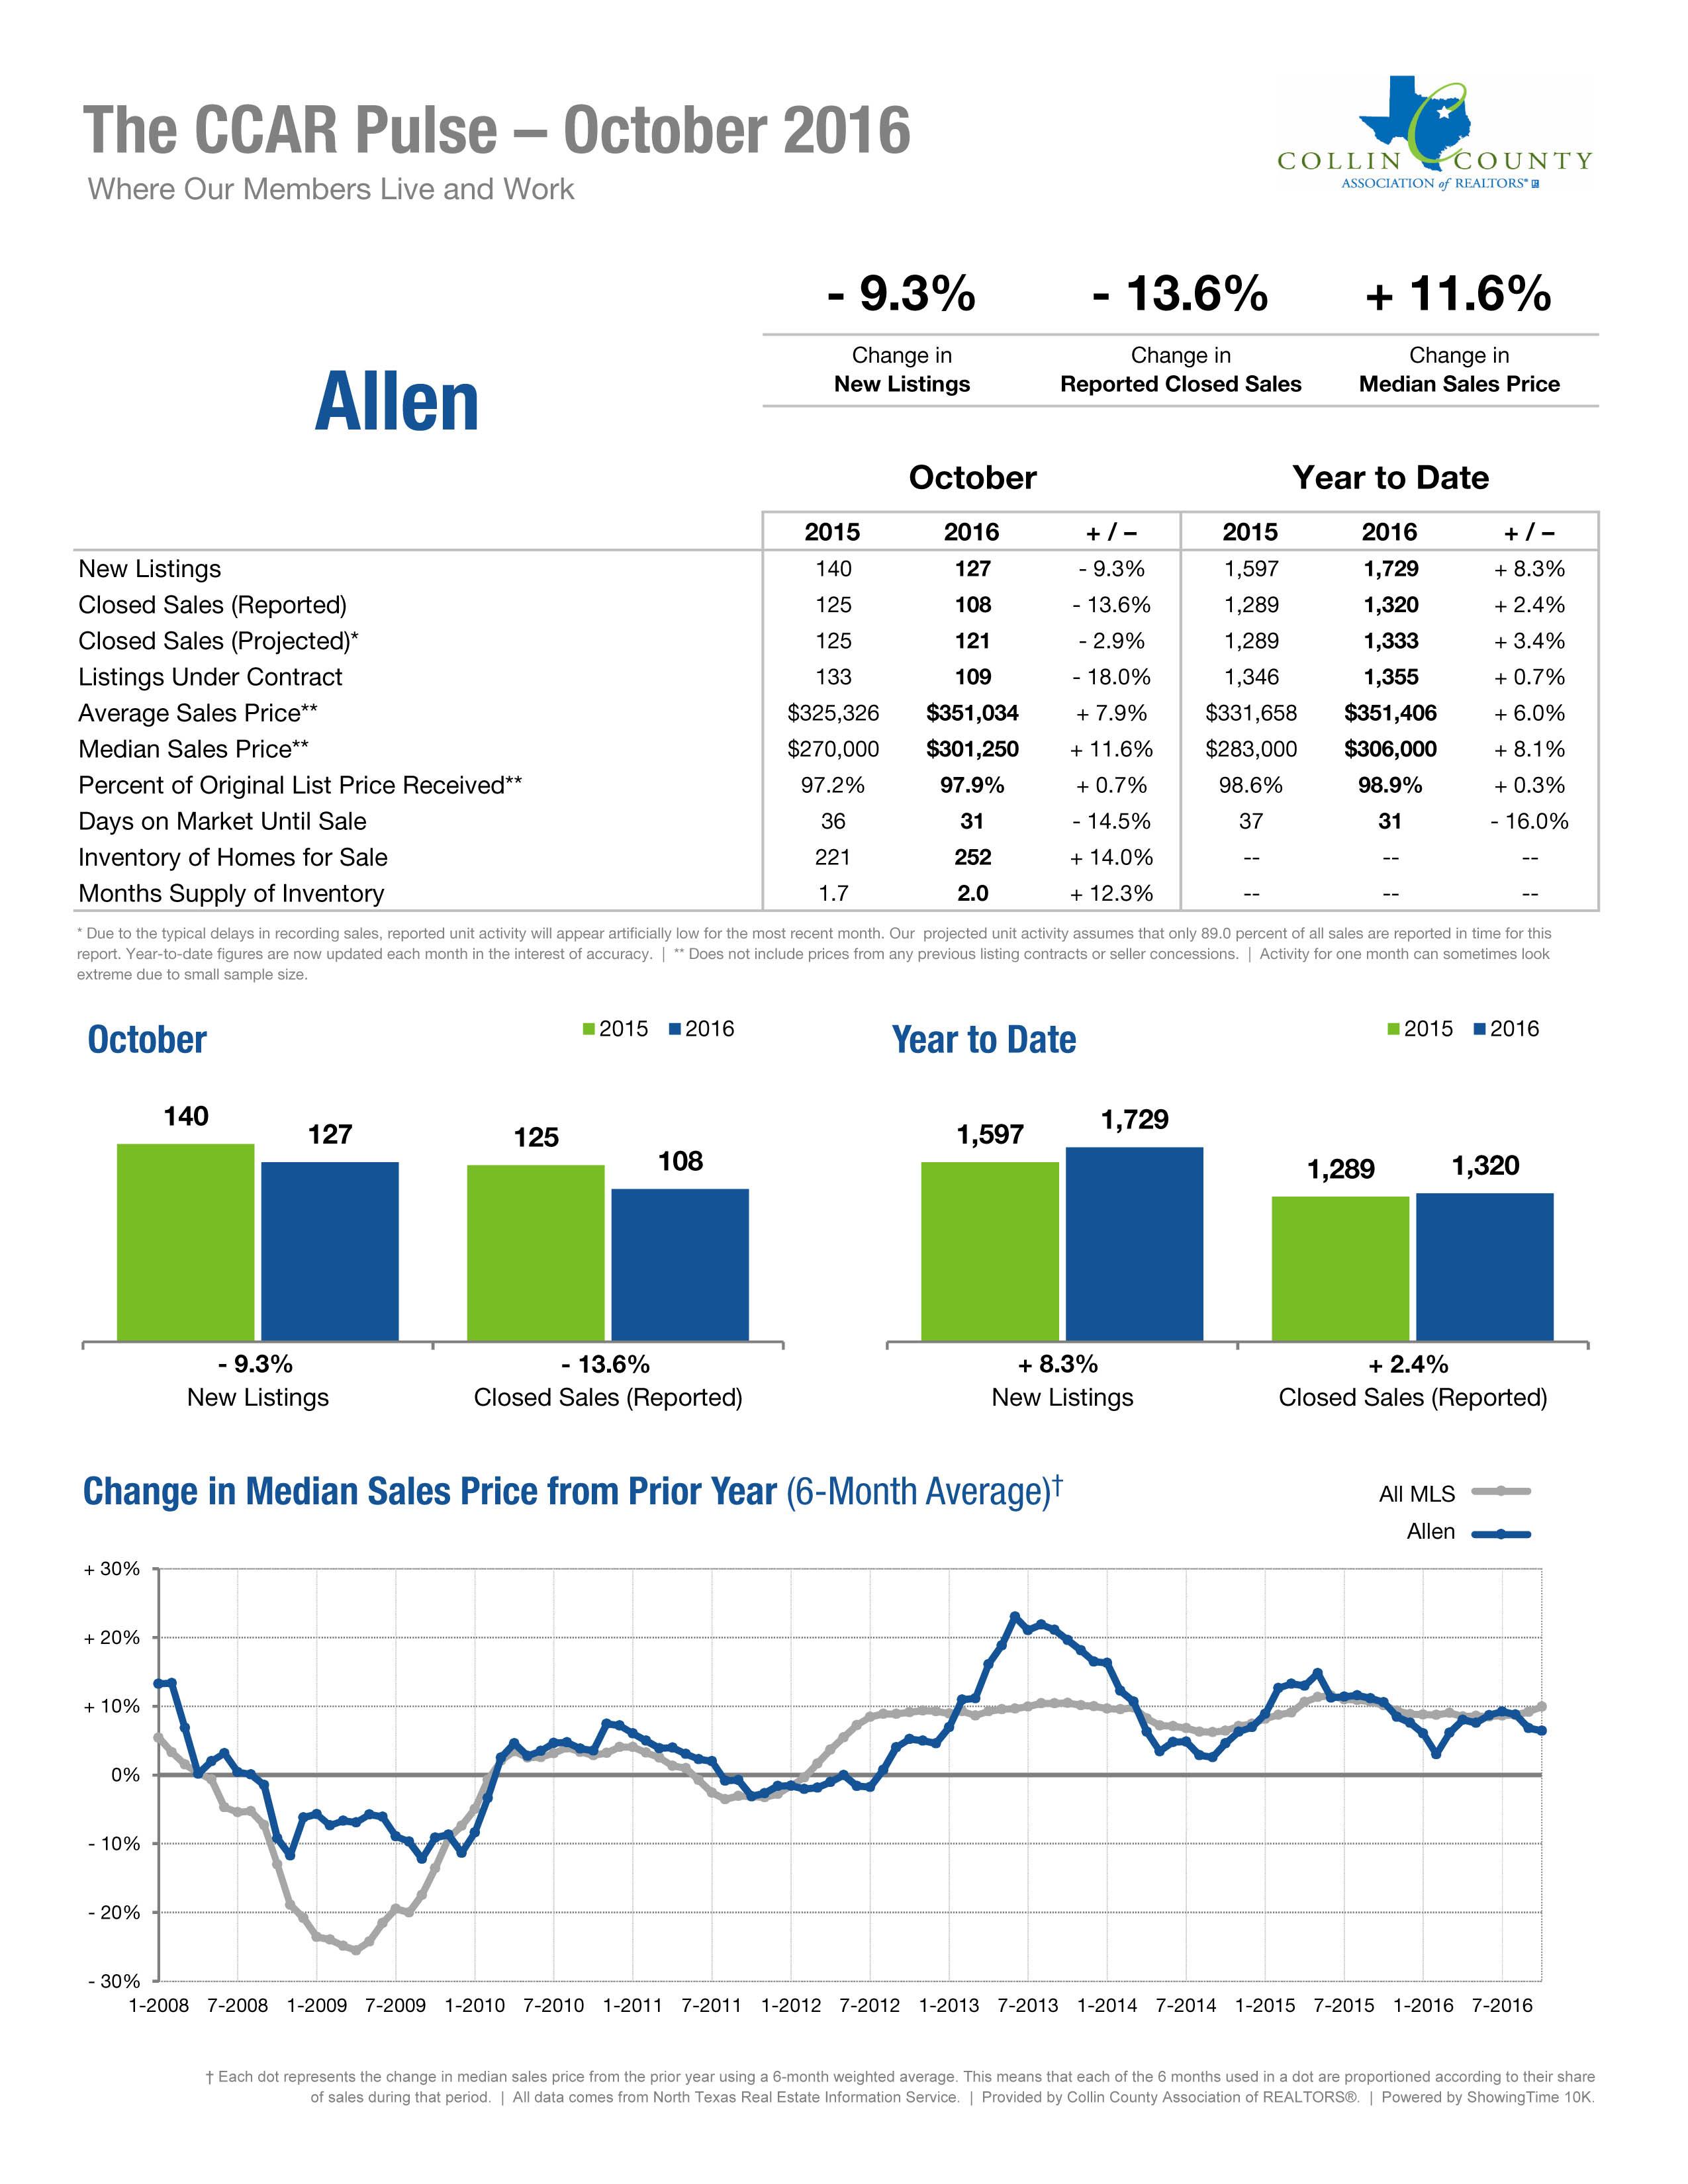 Allen Oct 2016